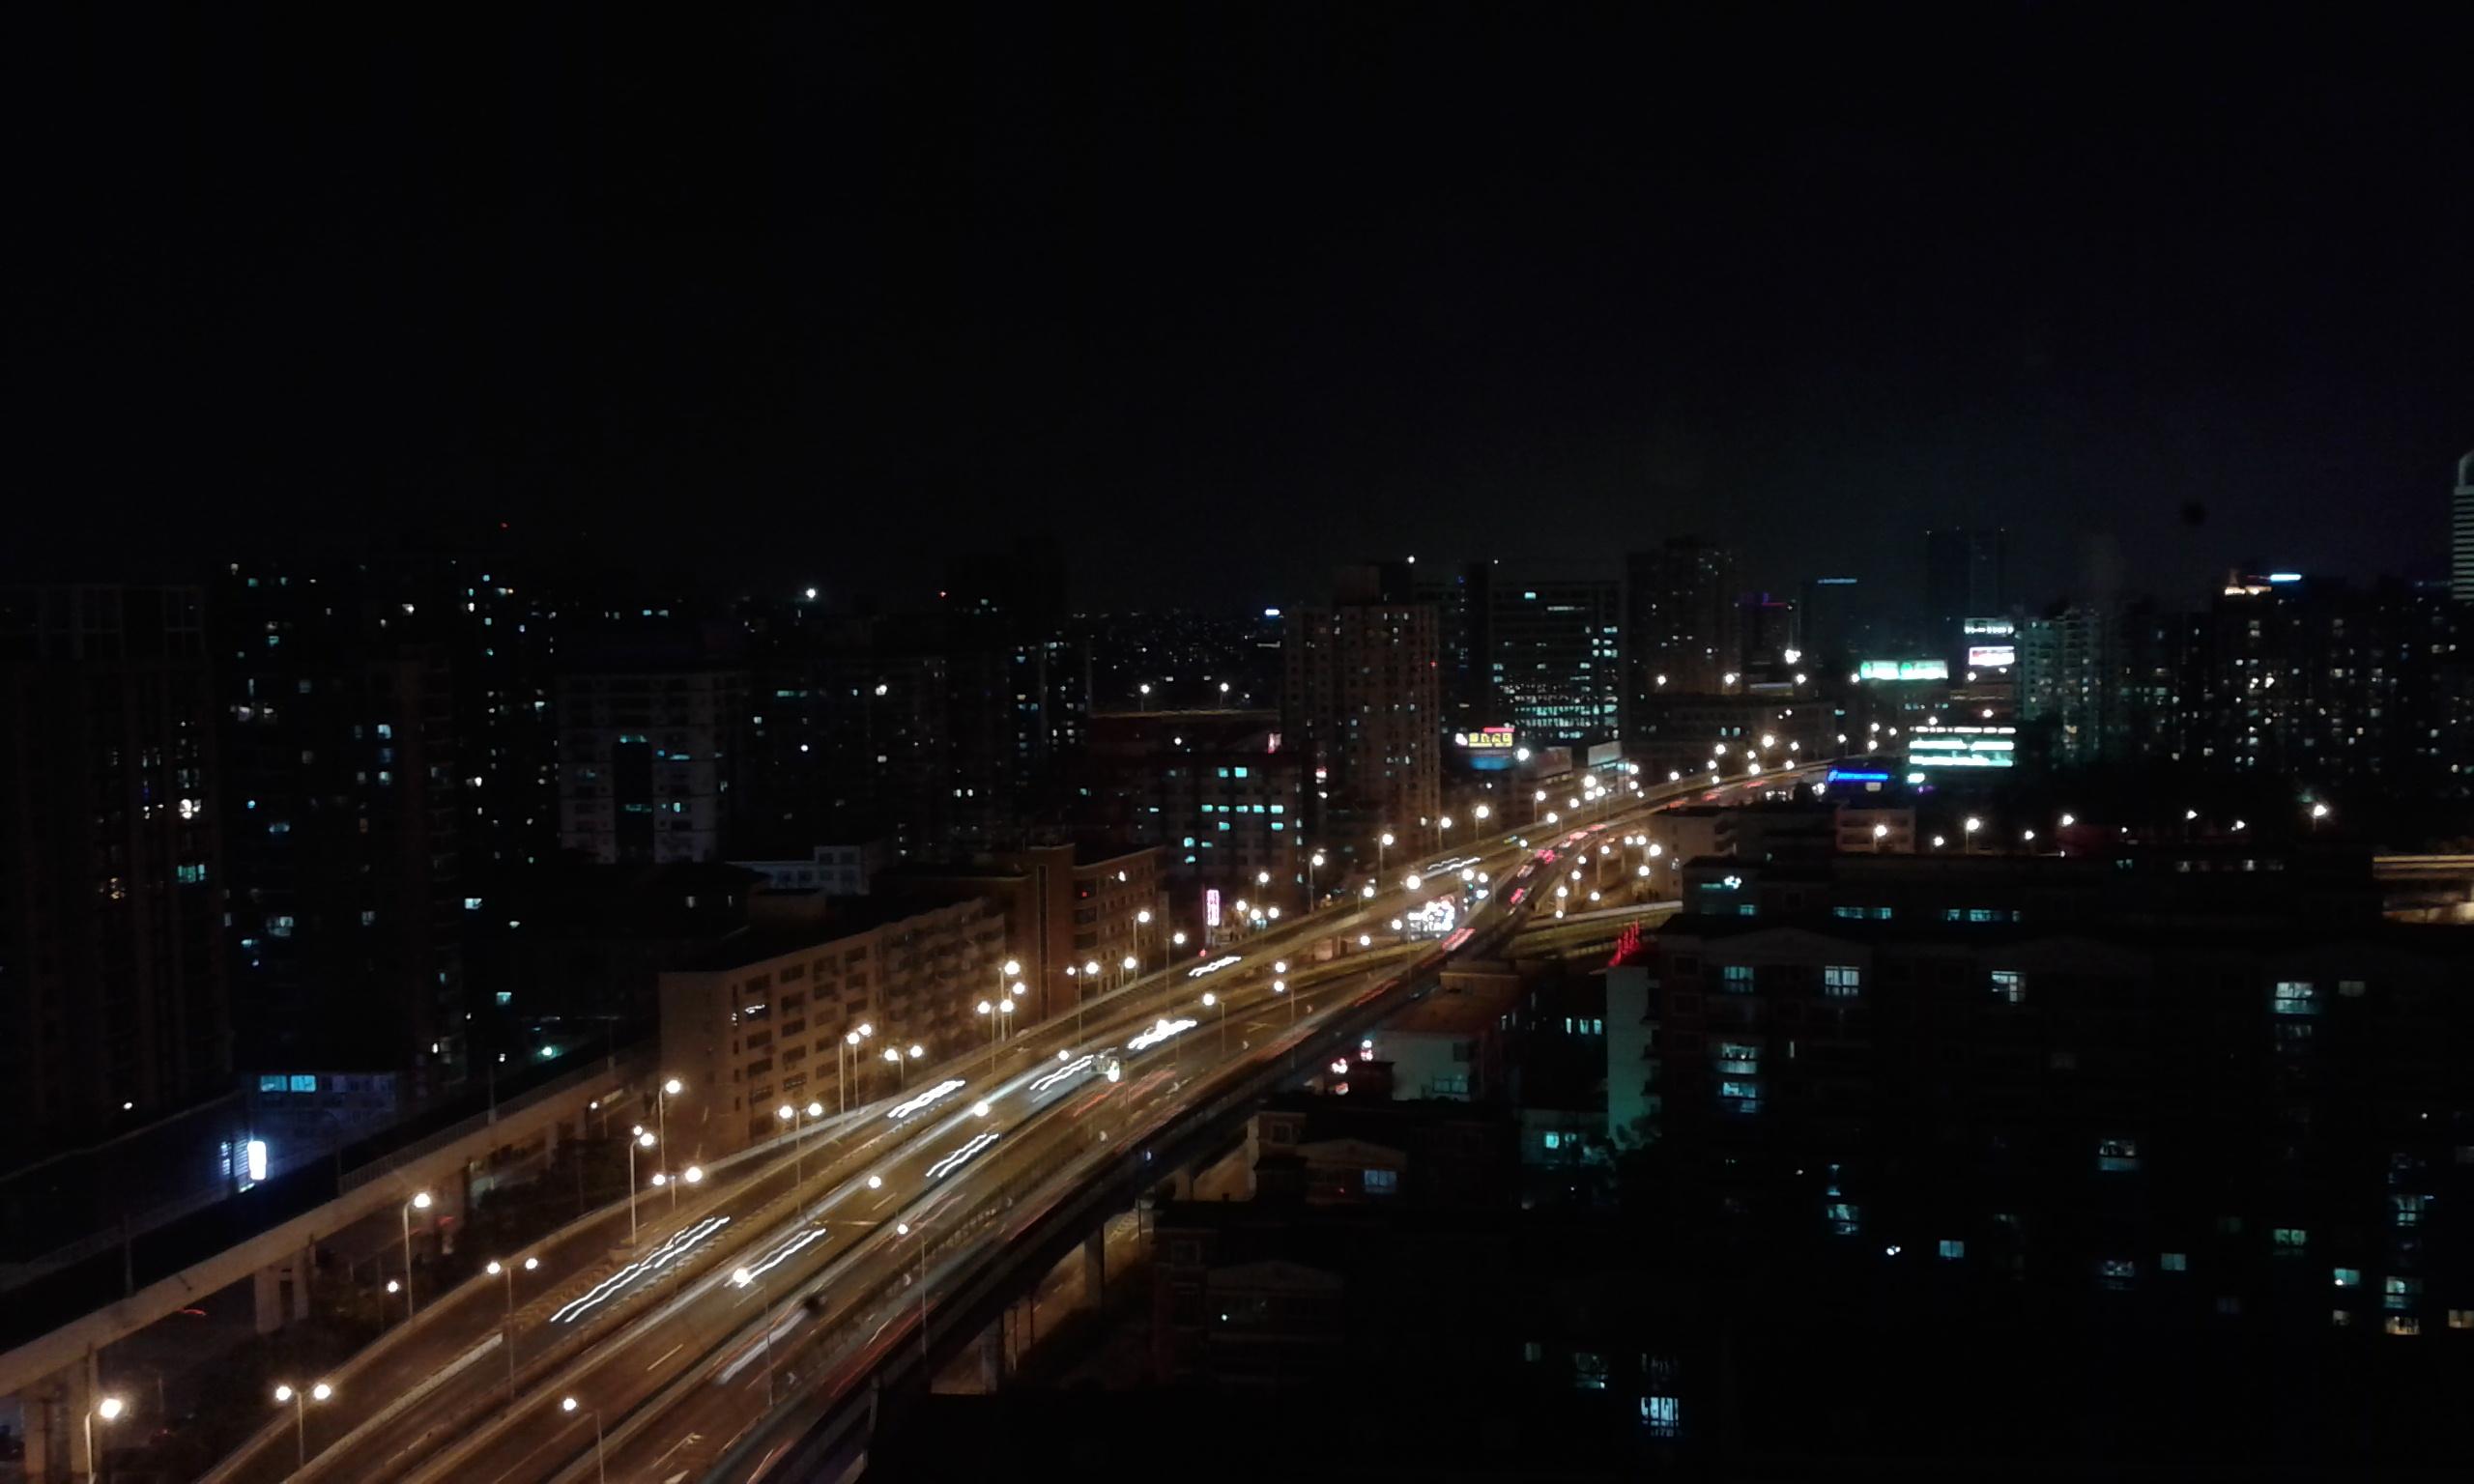 Kilátás a 16. emeletről - Hongkou (虹口区), Shanghai